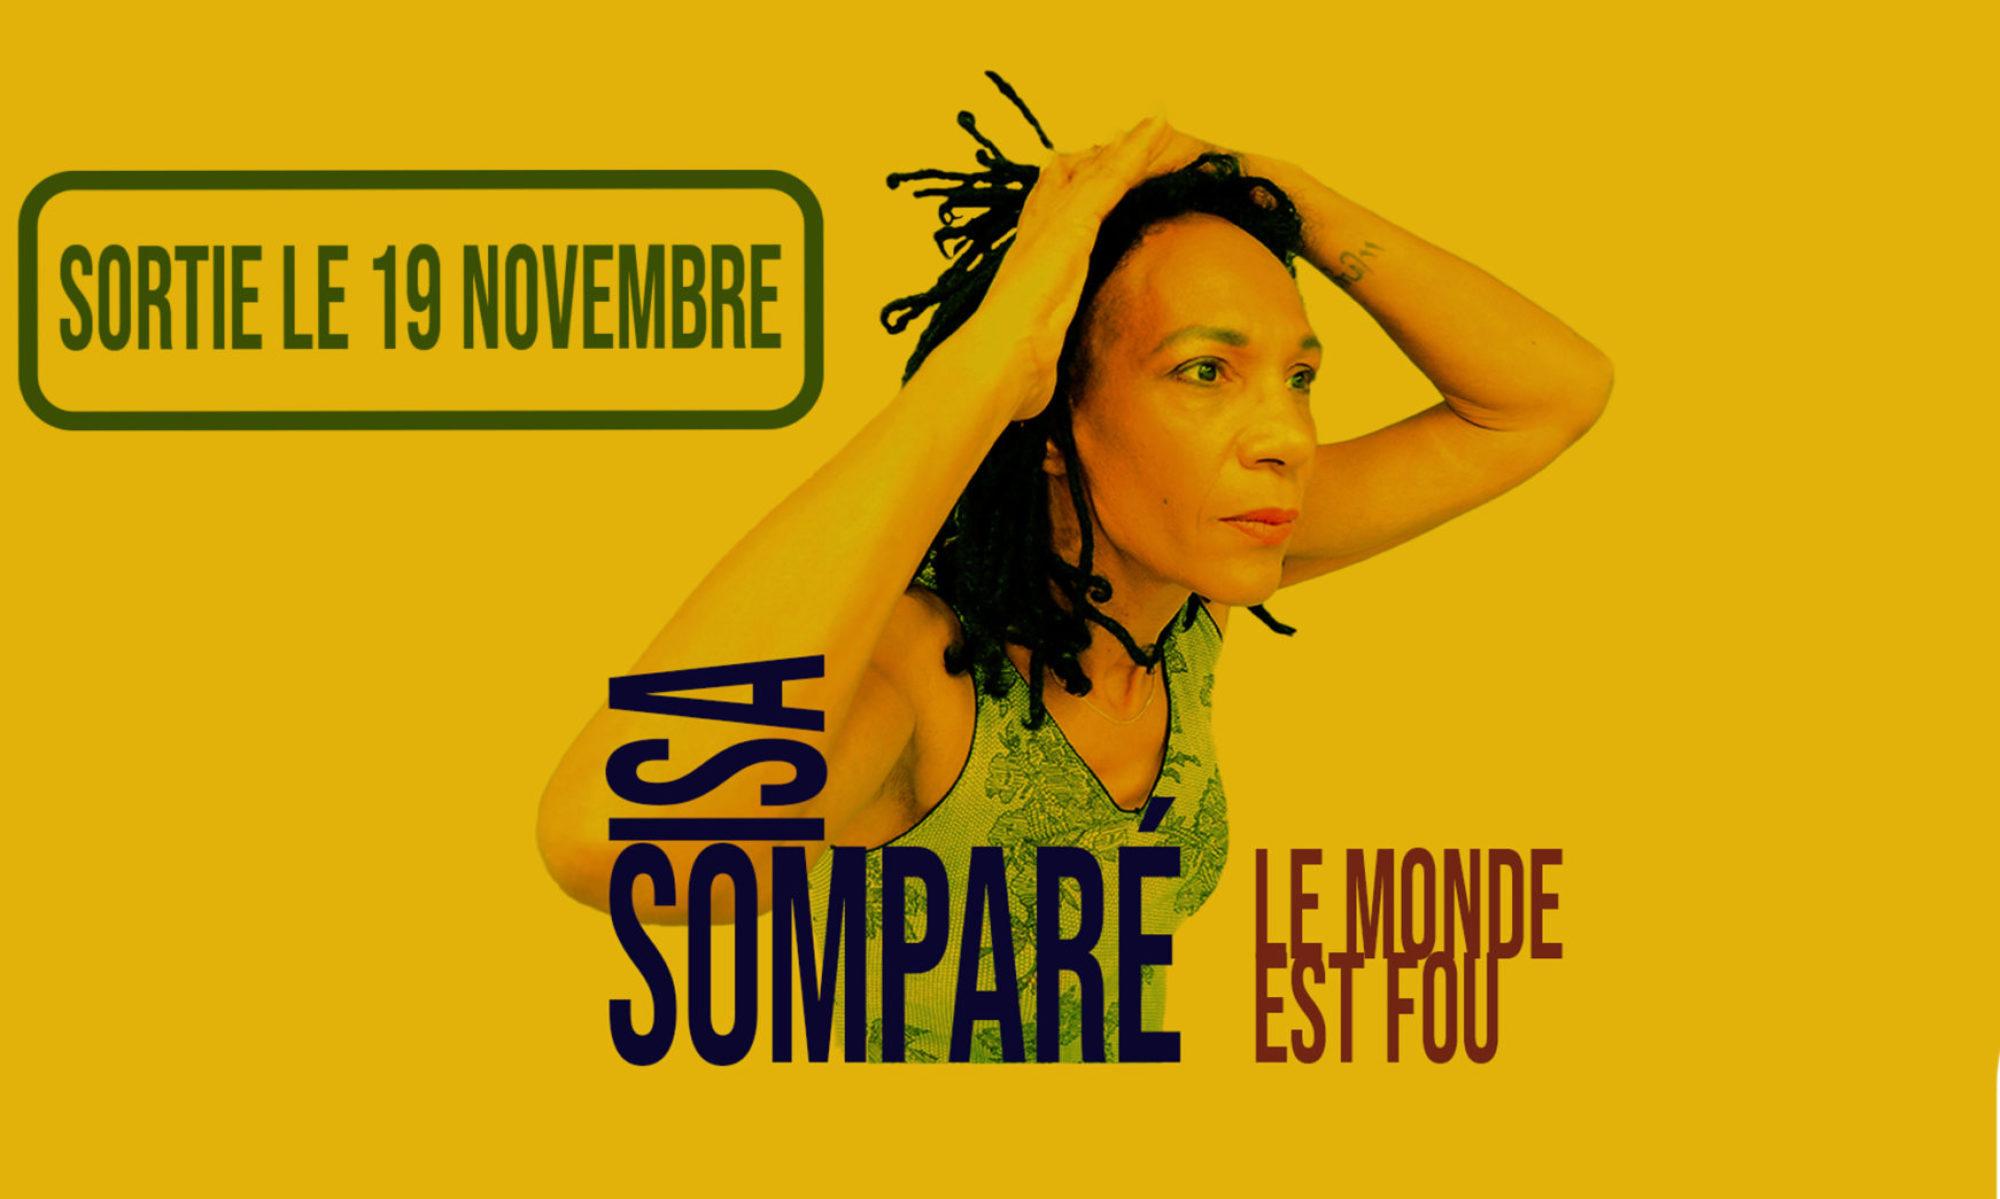 Site Officiel d'Isa Somparé